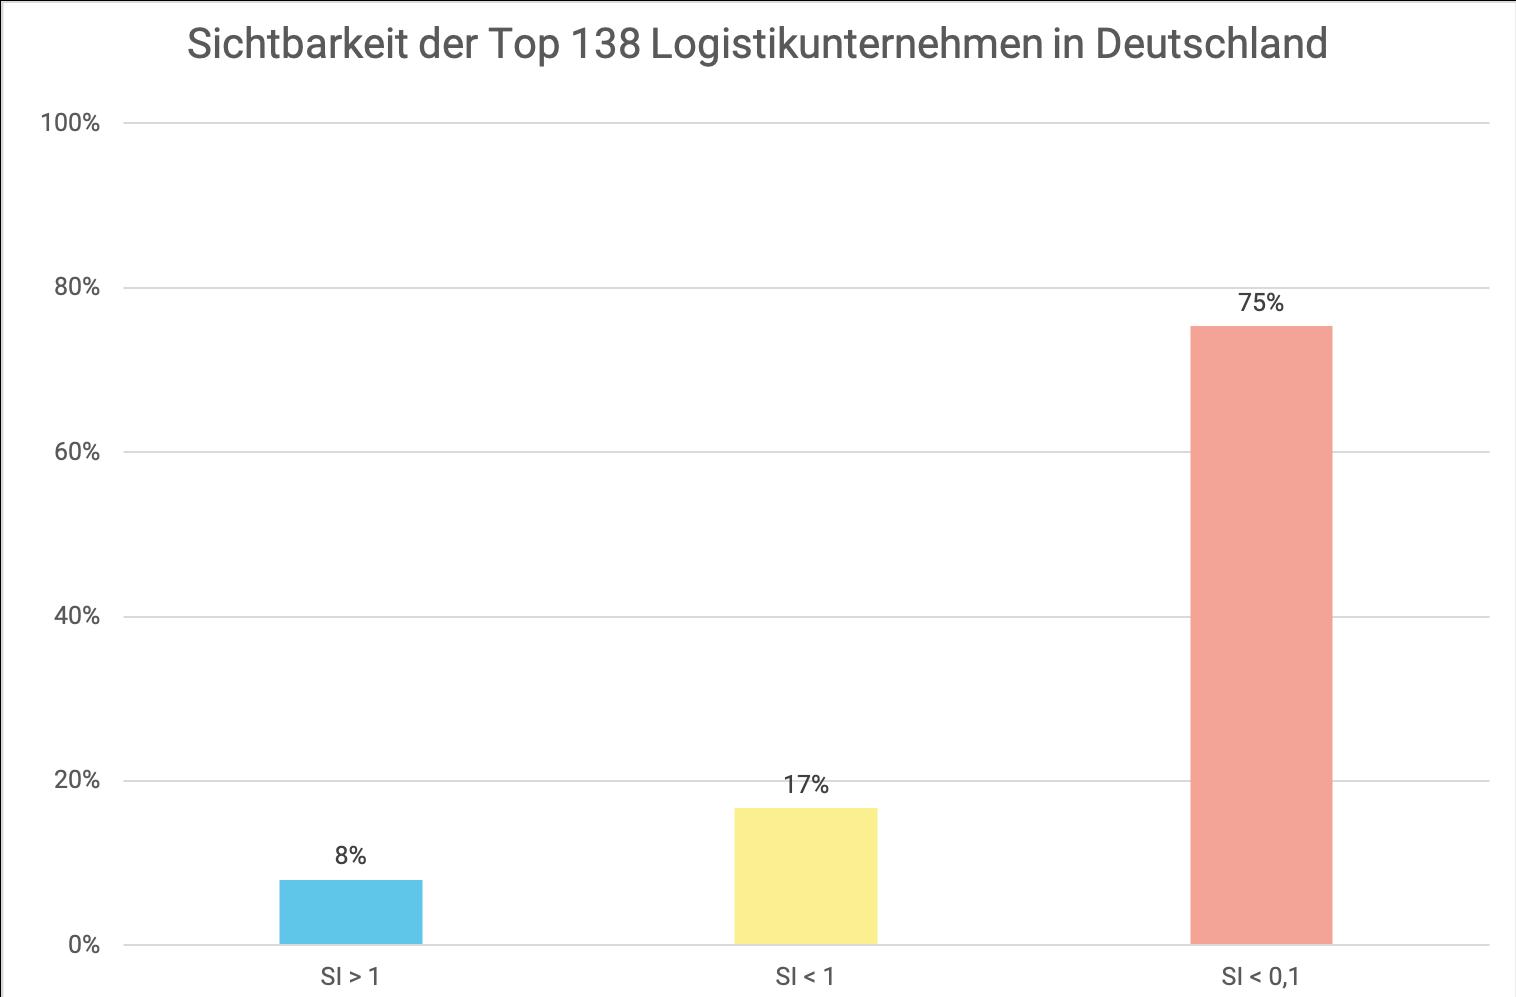 Sichtbarkeit der Top 138 Logistikunternehmen in Deutschland